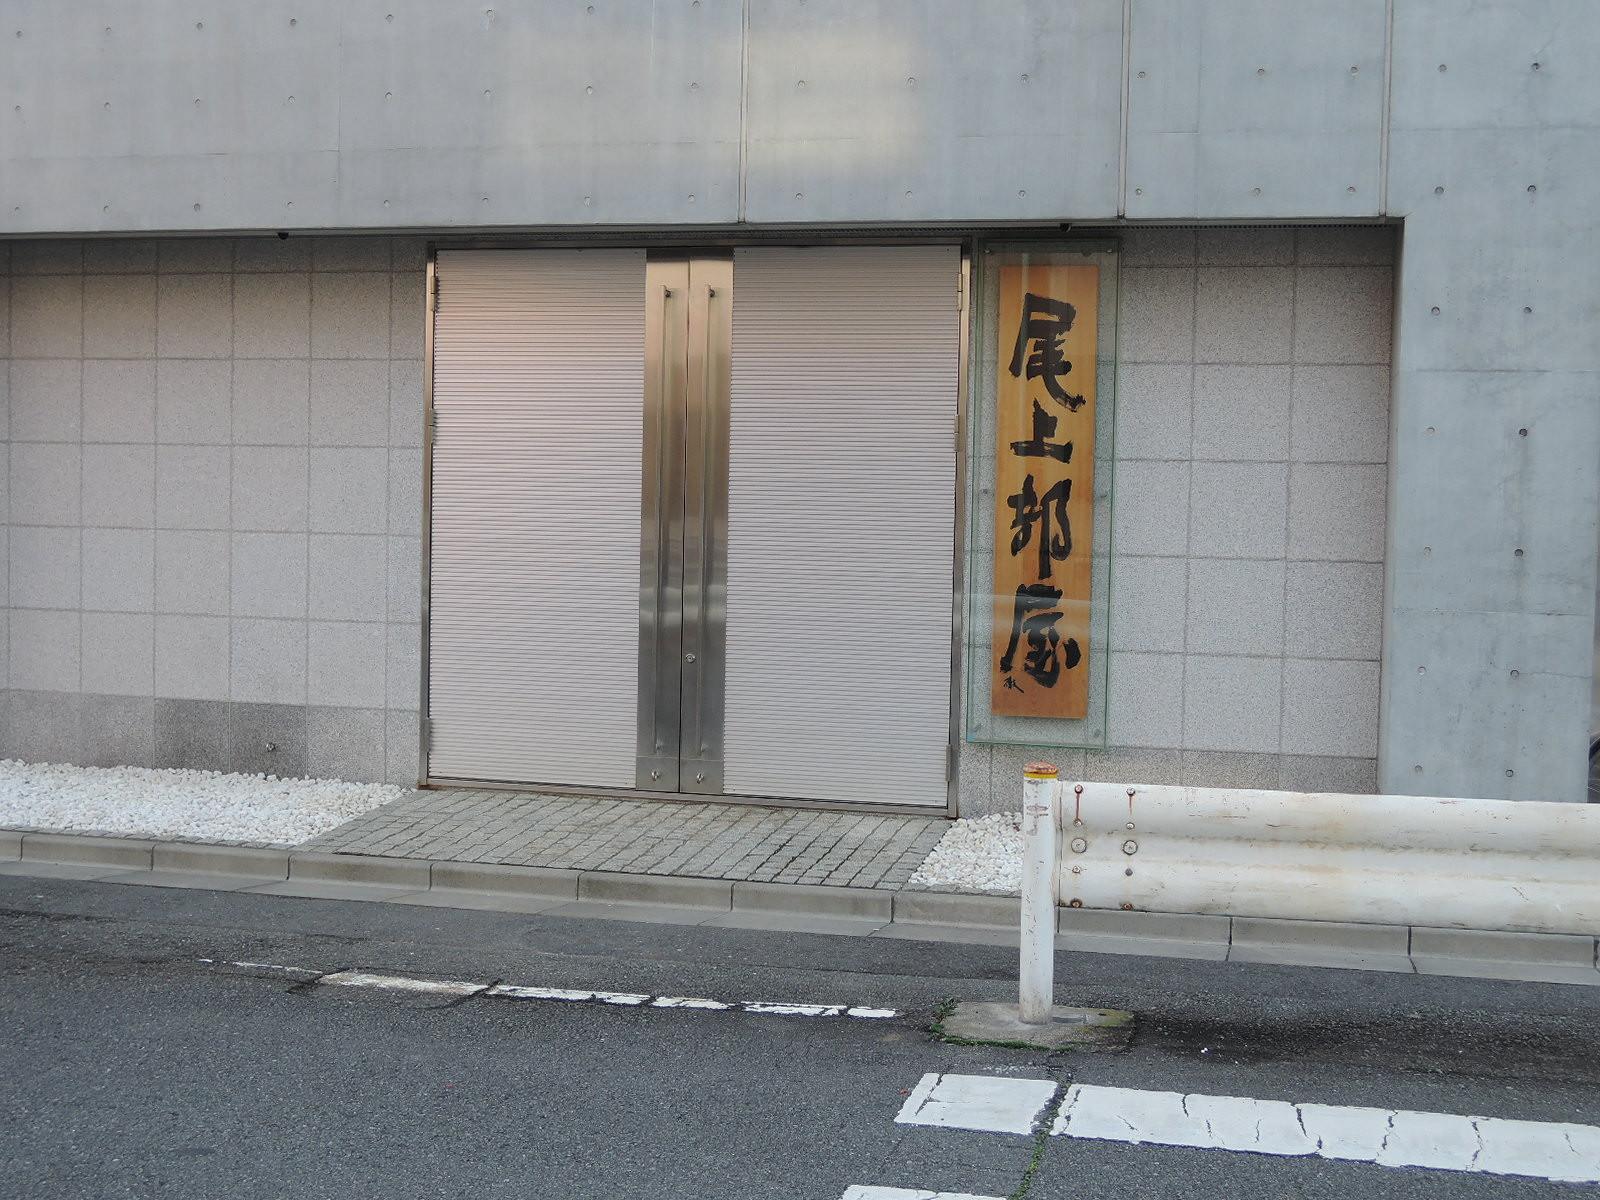 何と、相撲部屋が。力士さんに会えるかも・・・